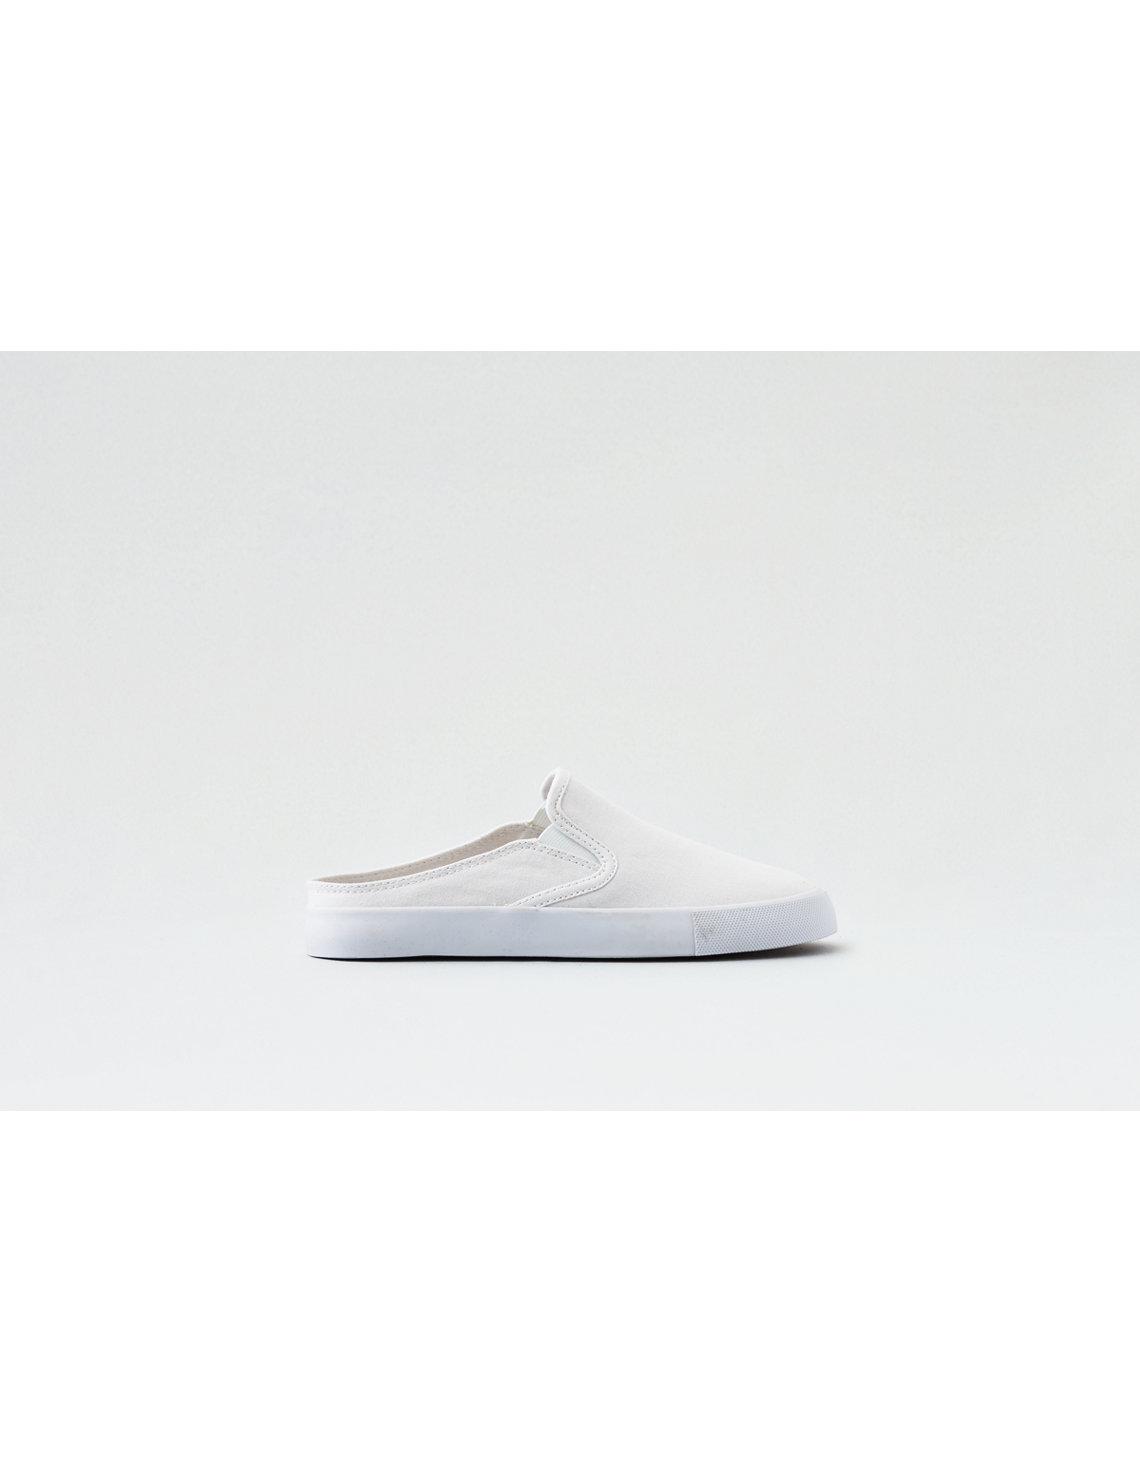 Calzado - Bajo-tops Y Zapatillas De Deporte Roseanna Compre en línea Nuevo XNHRj8VYdK